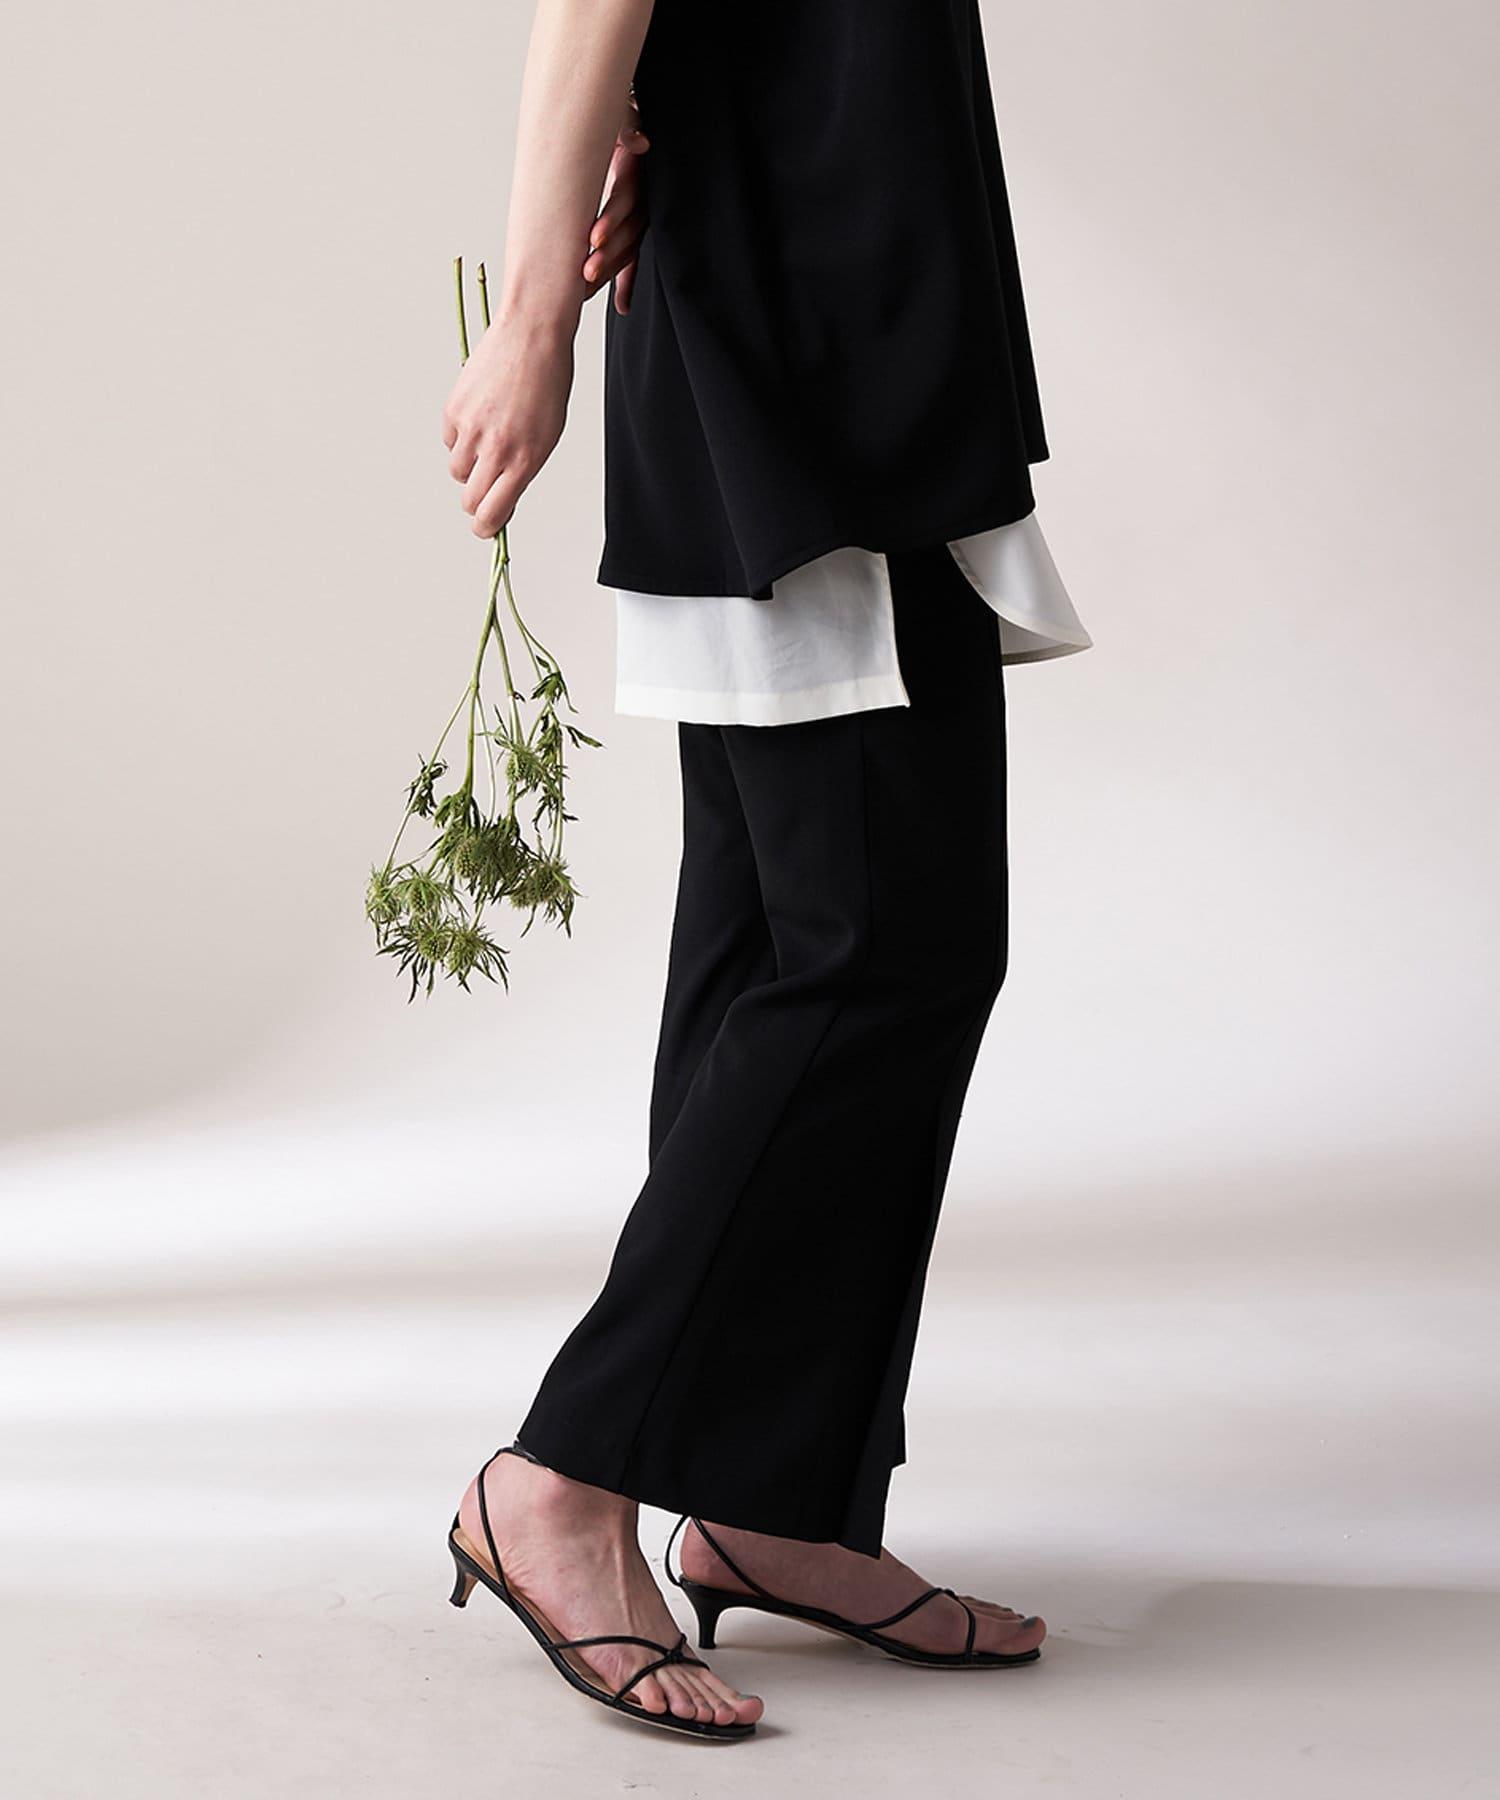 Loungedress(ラウンジドレス) レディース 【odore/オドル】タックフレアクロップドパンツ ブラック